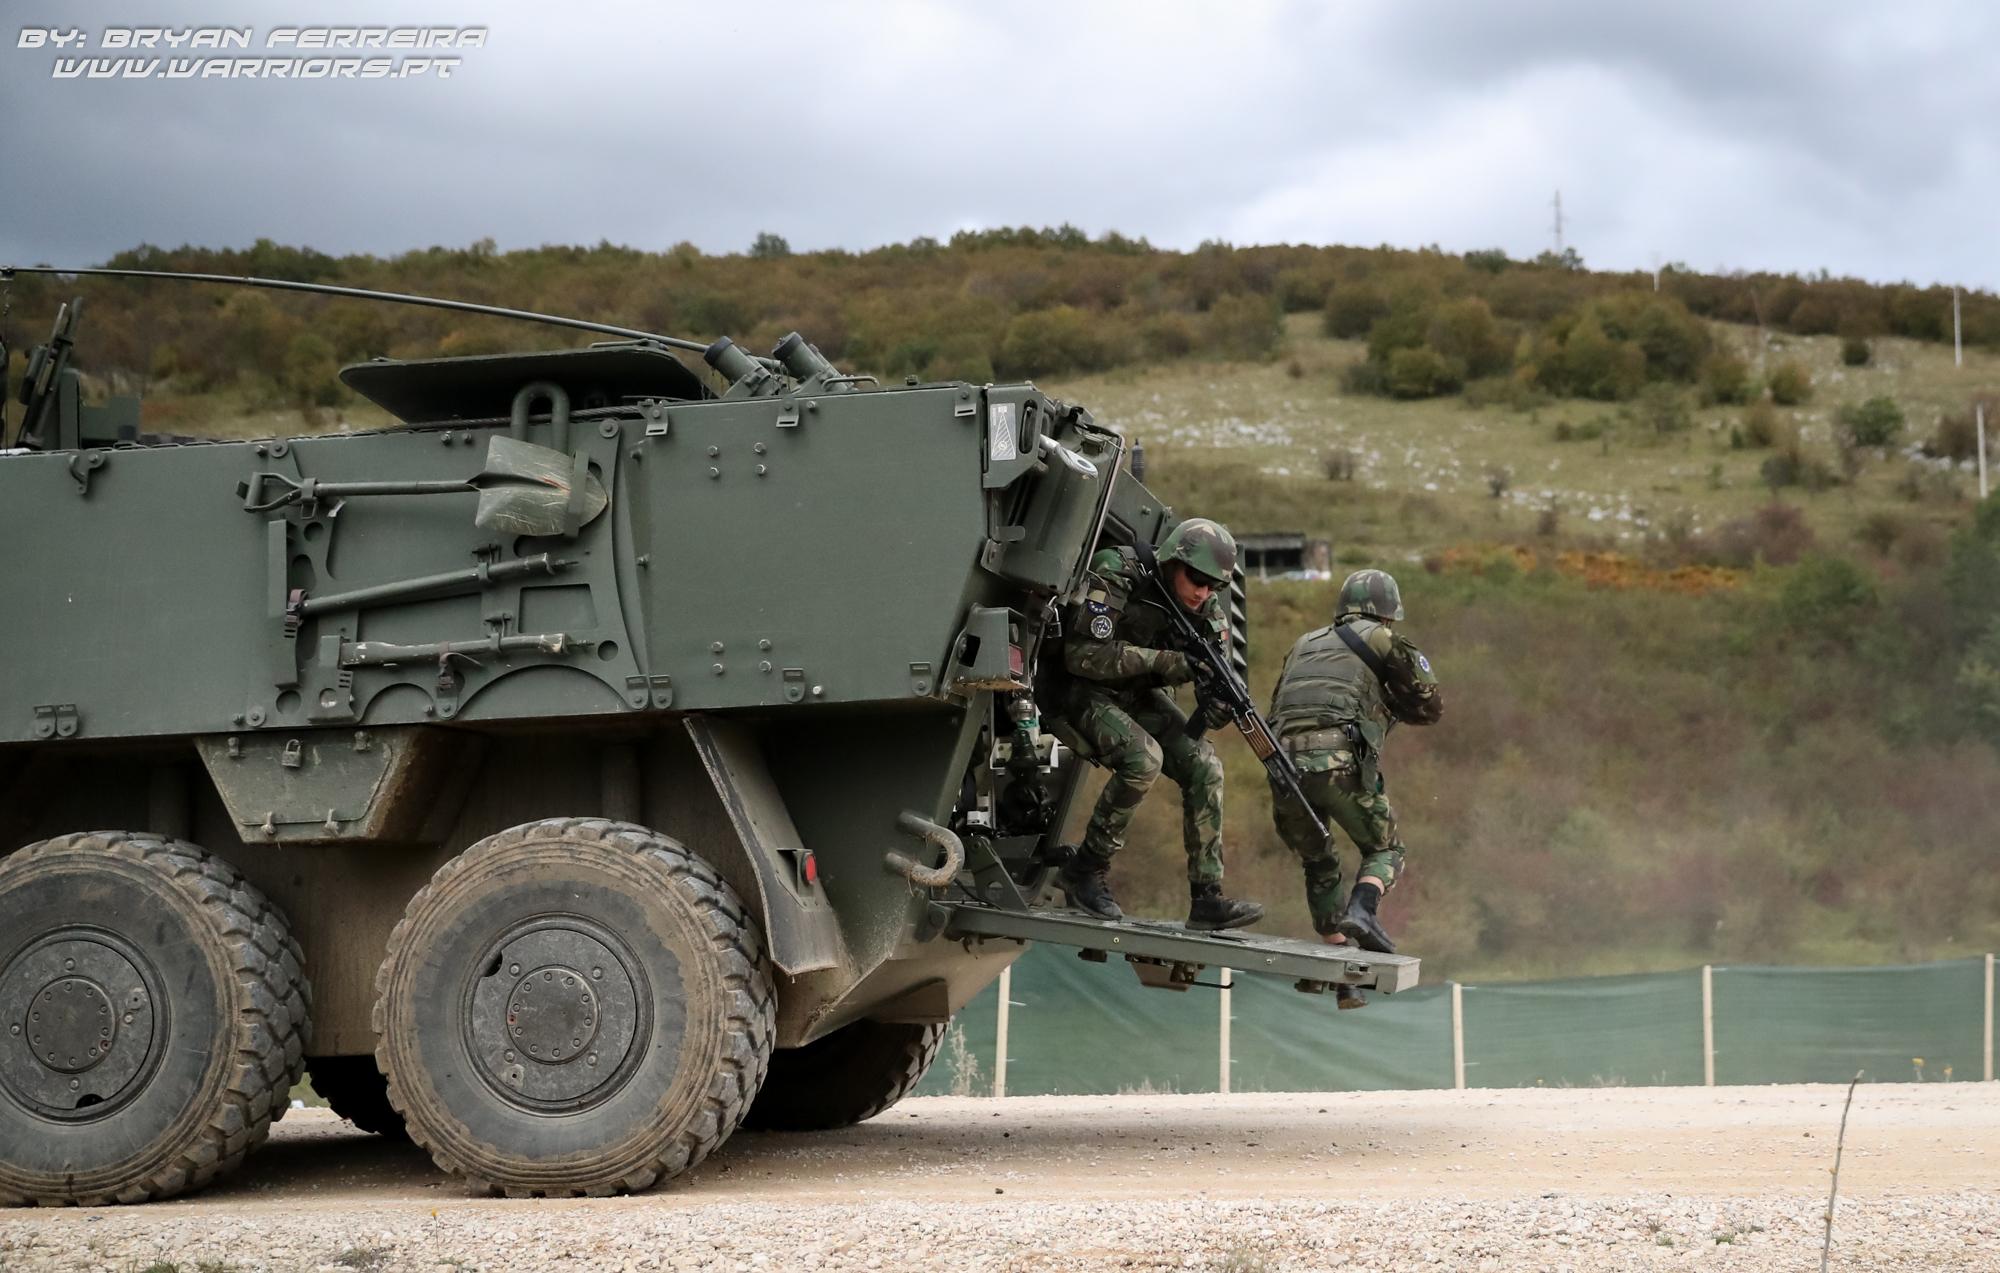 Paraquedistas Portugueses são projectados pelas Pandur II 8x8 APC Portuguesas presentes no Kosovo